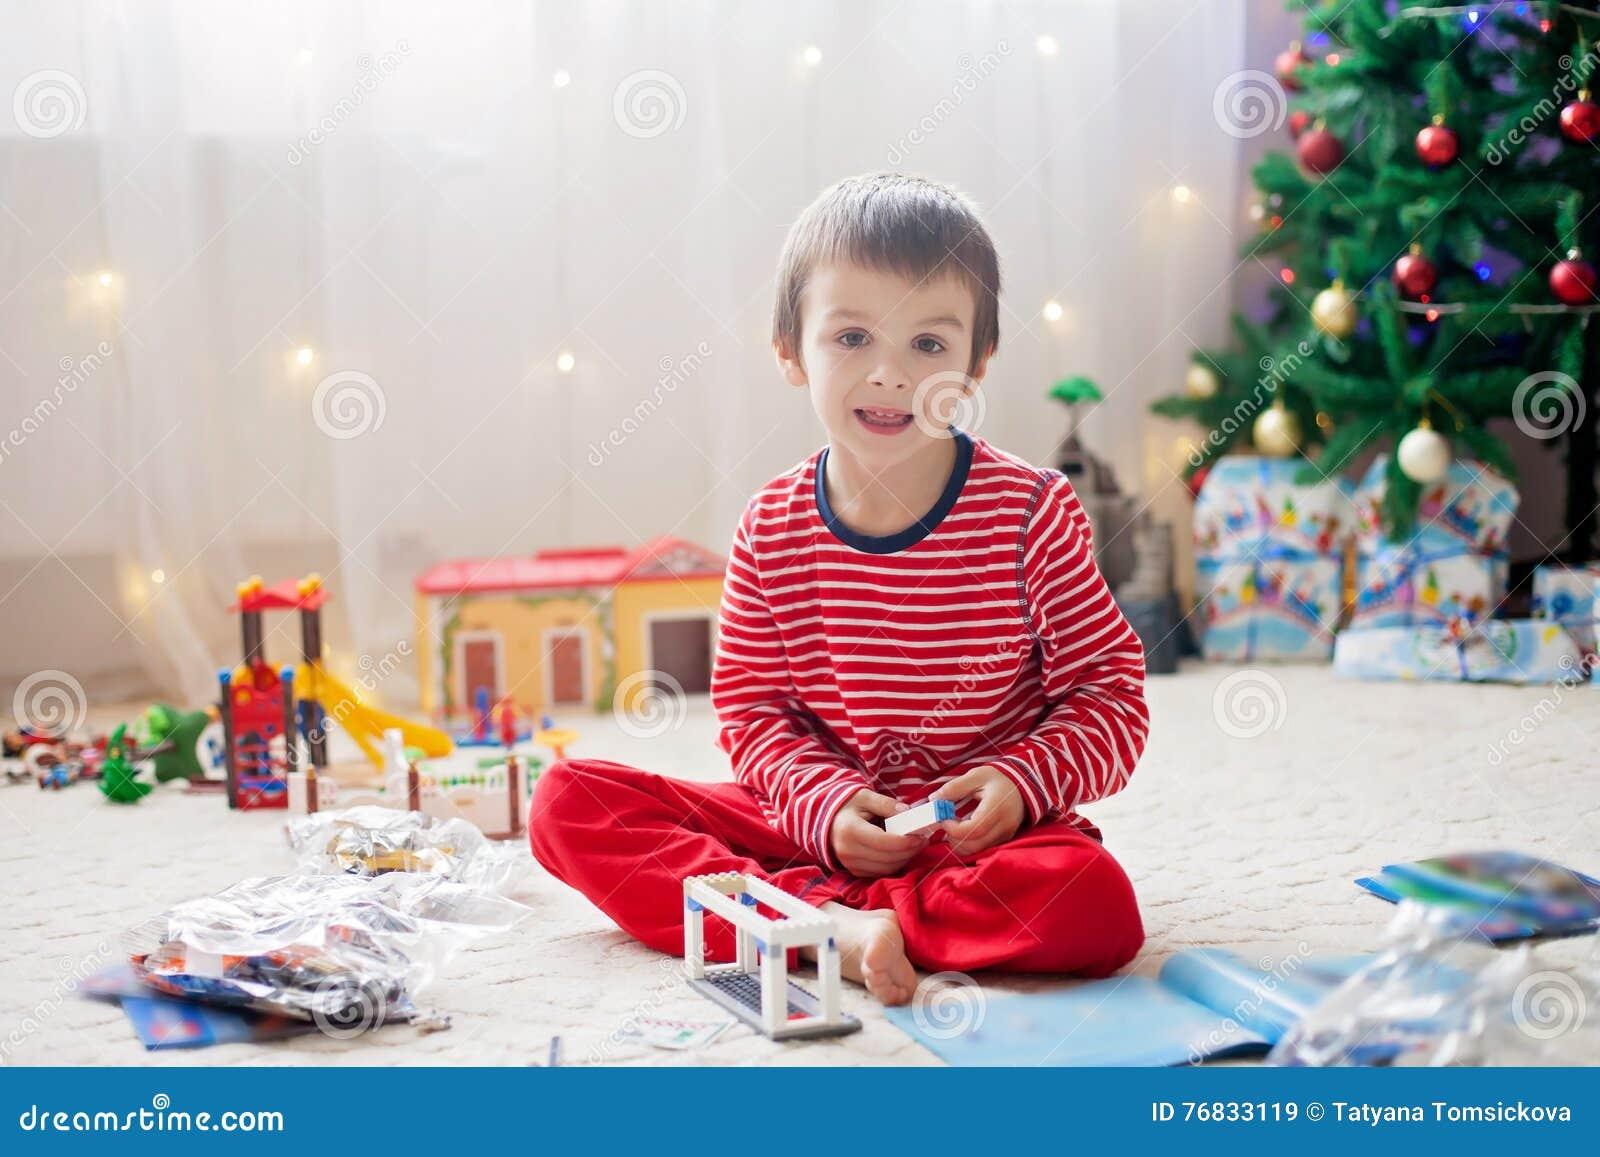 Zwei Süße Jungen, öffnend Stellt Sich Am Weihnachtstag Dar Stockbild ...